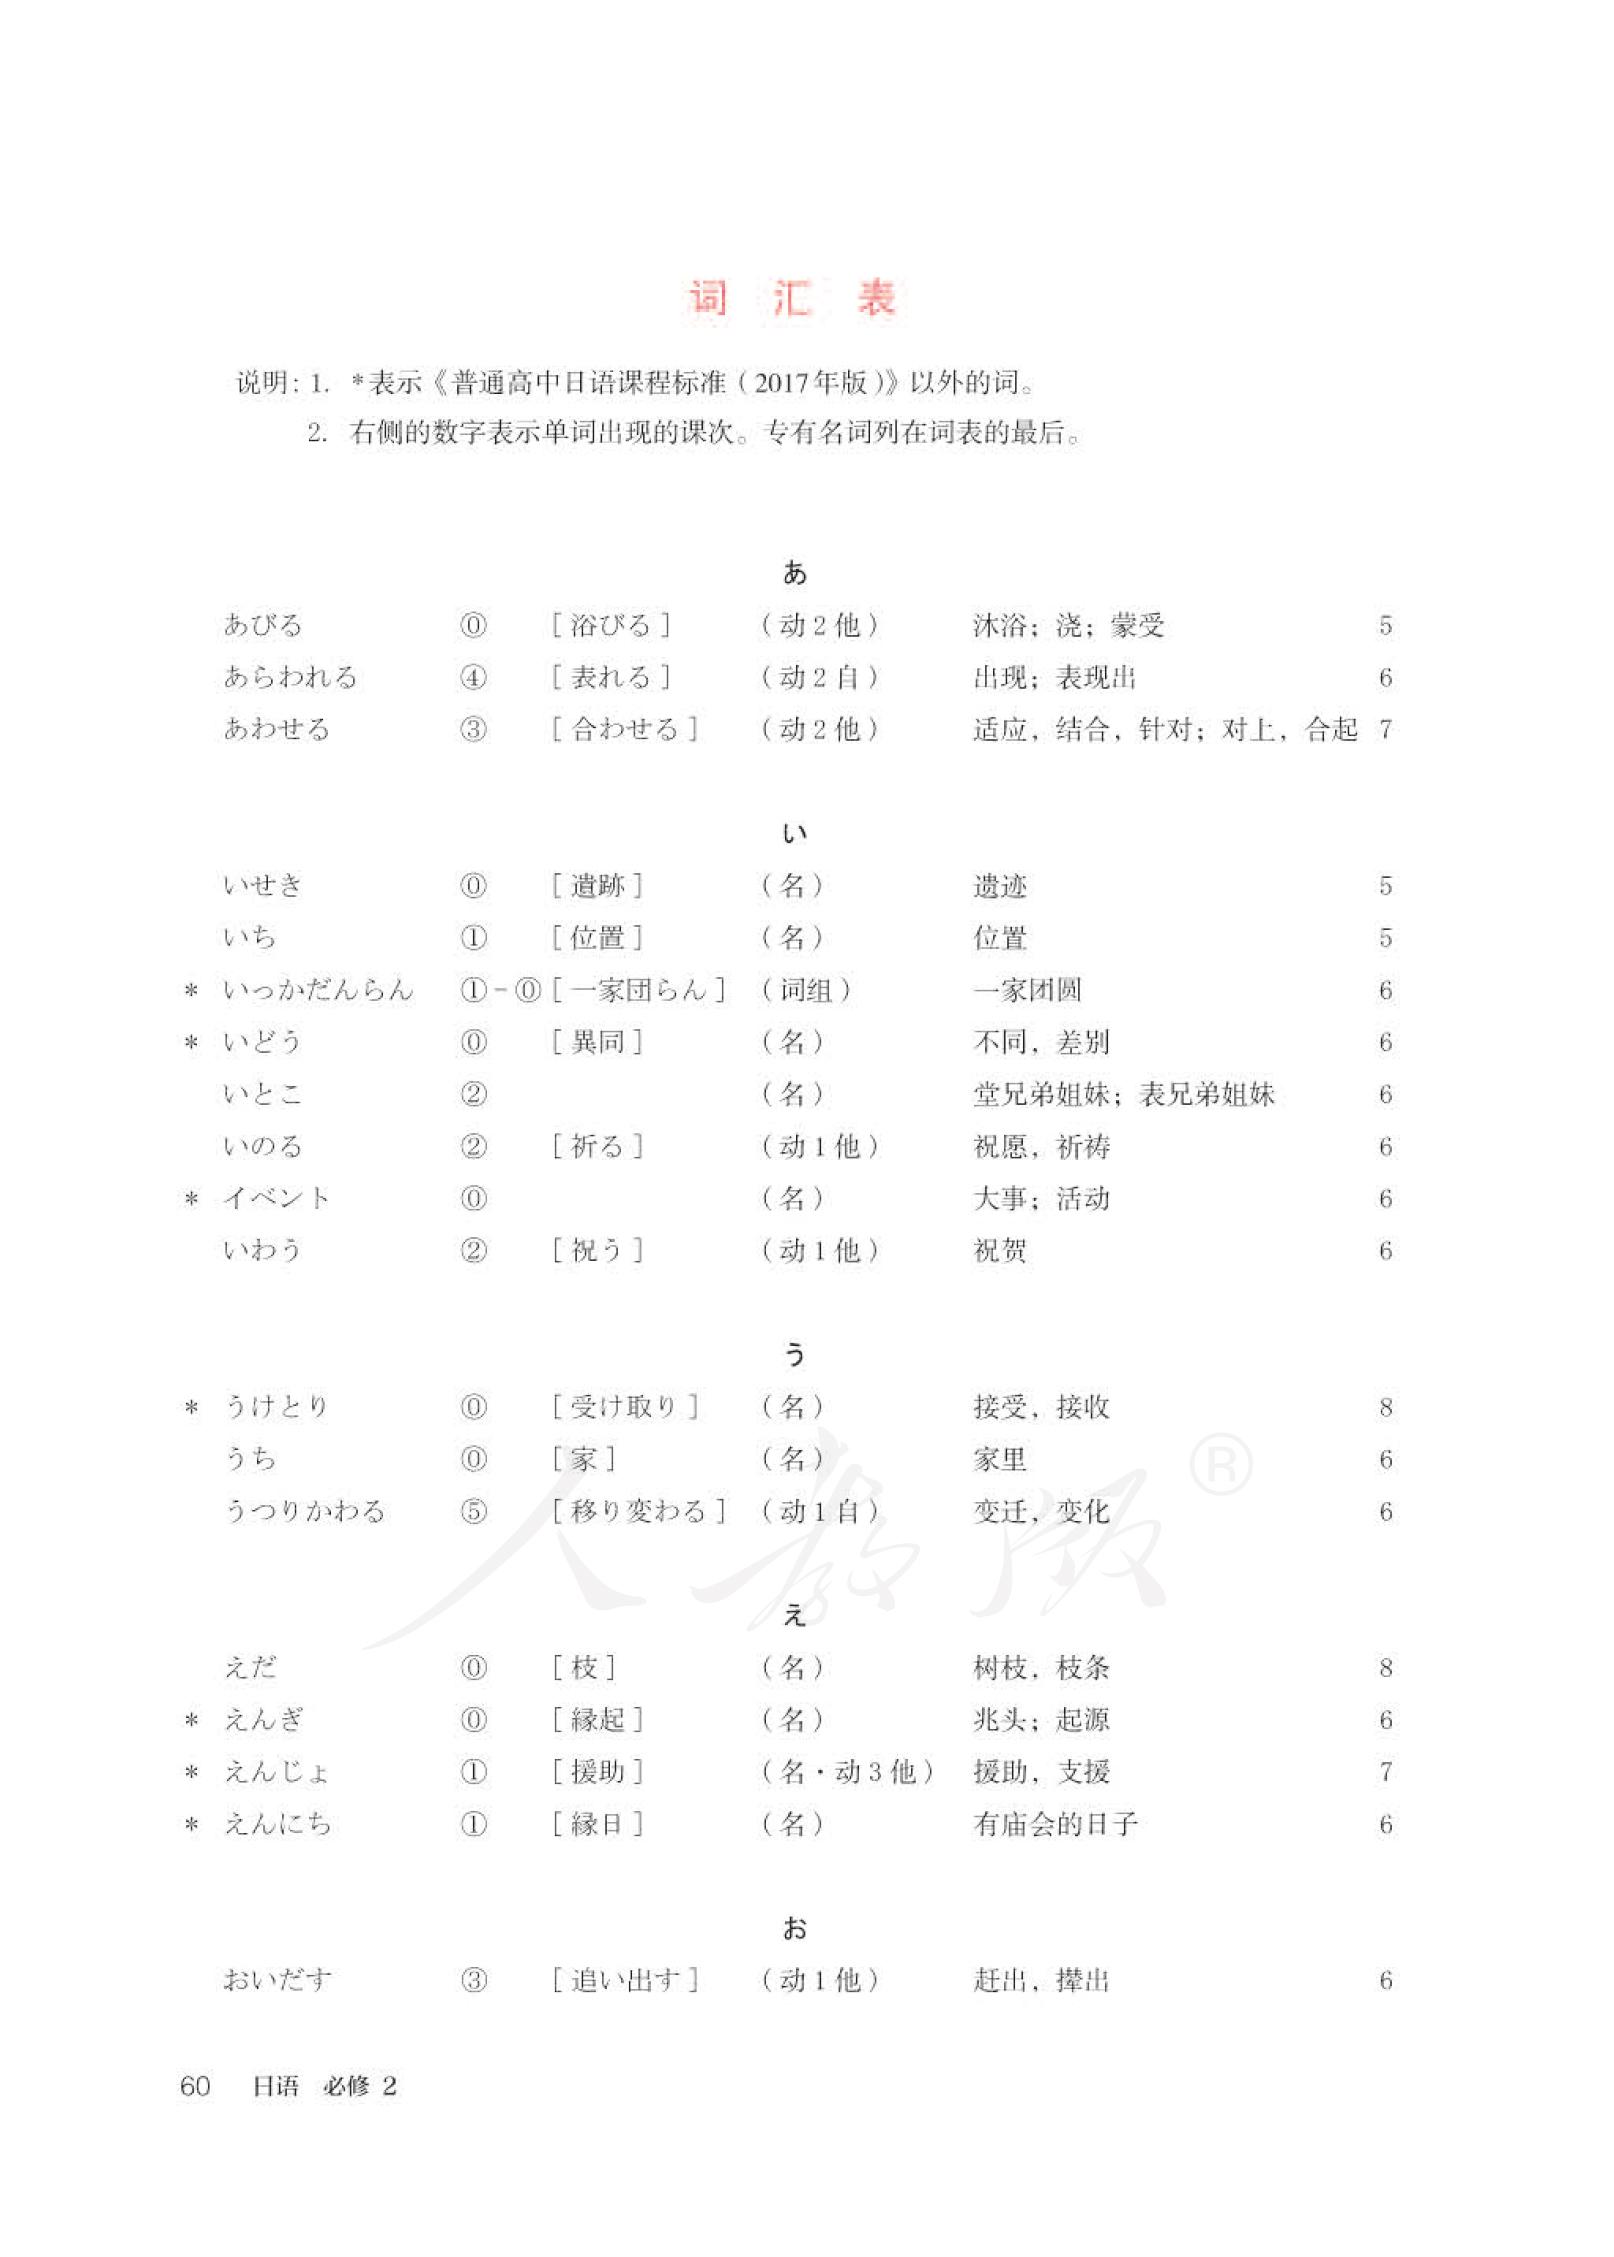 普通高中 日语 必修第二册 人教版-68 拷贝.jpg